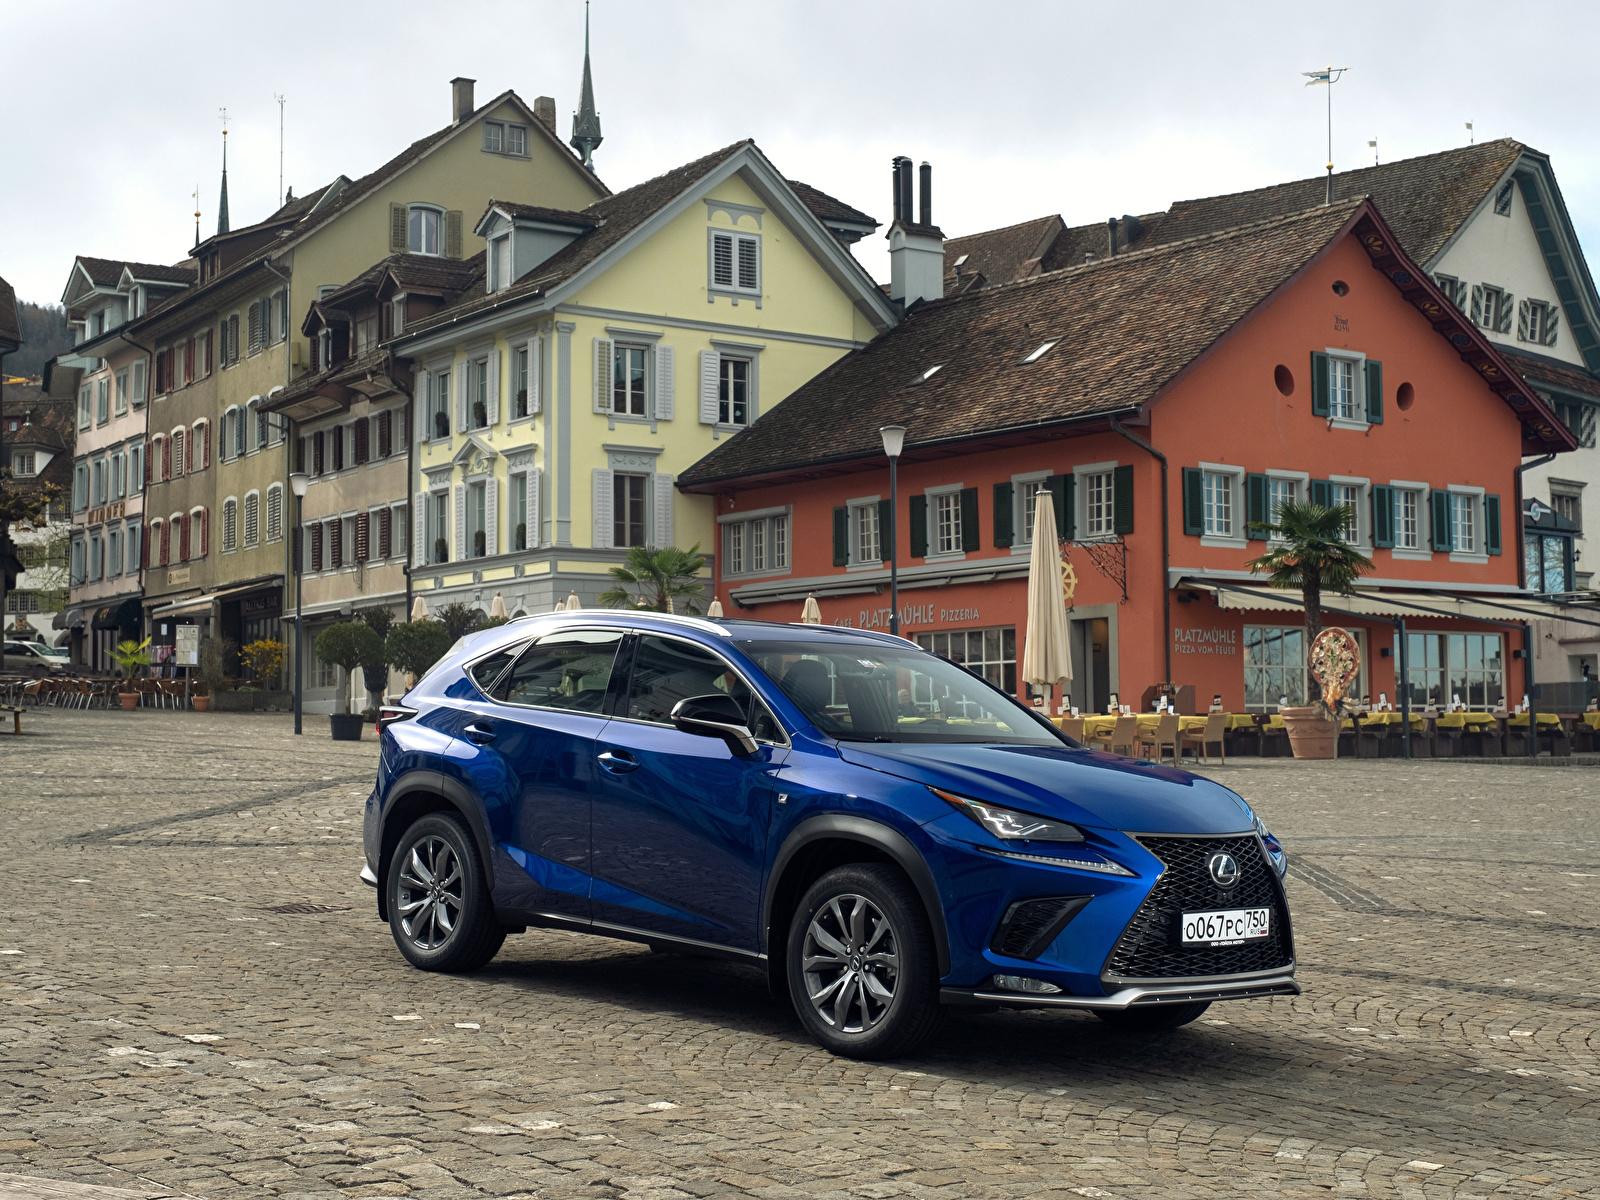 Картинка Лексус 2017-18 NX 300 F SPORT Worldwide синяя Авто Металлик 1600x1200 Lexus синих синие Синий Машины Автомобили